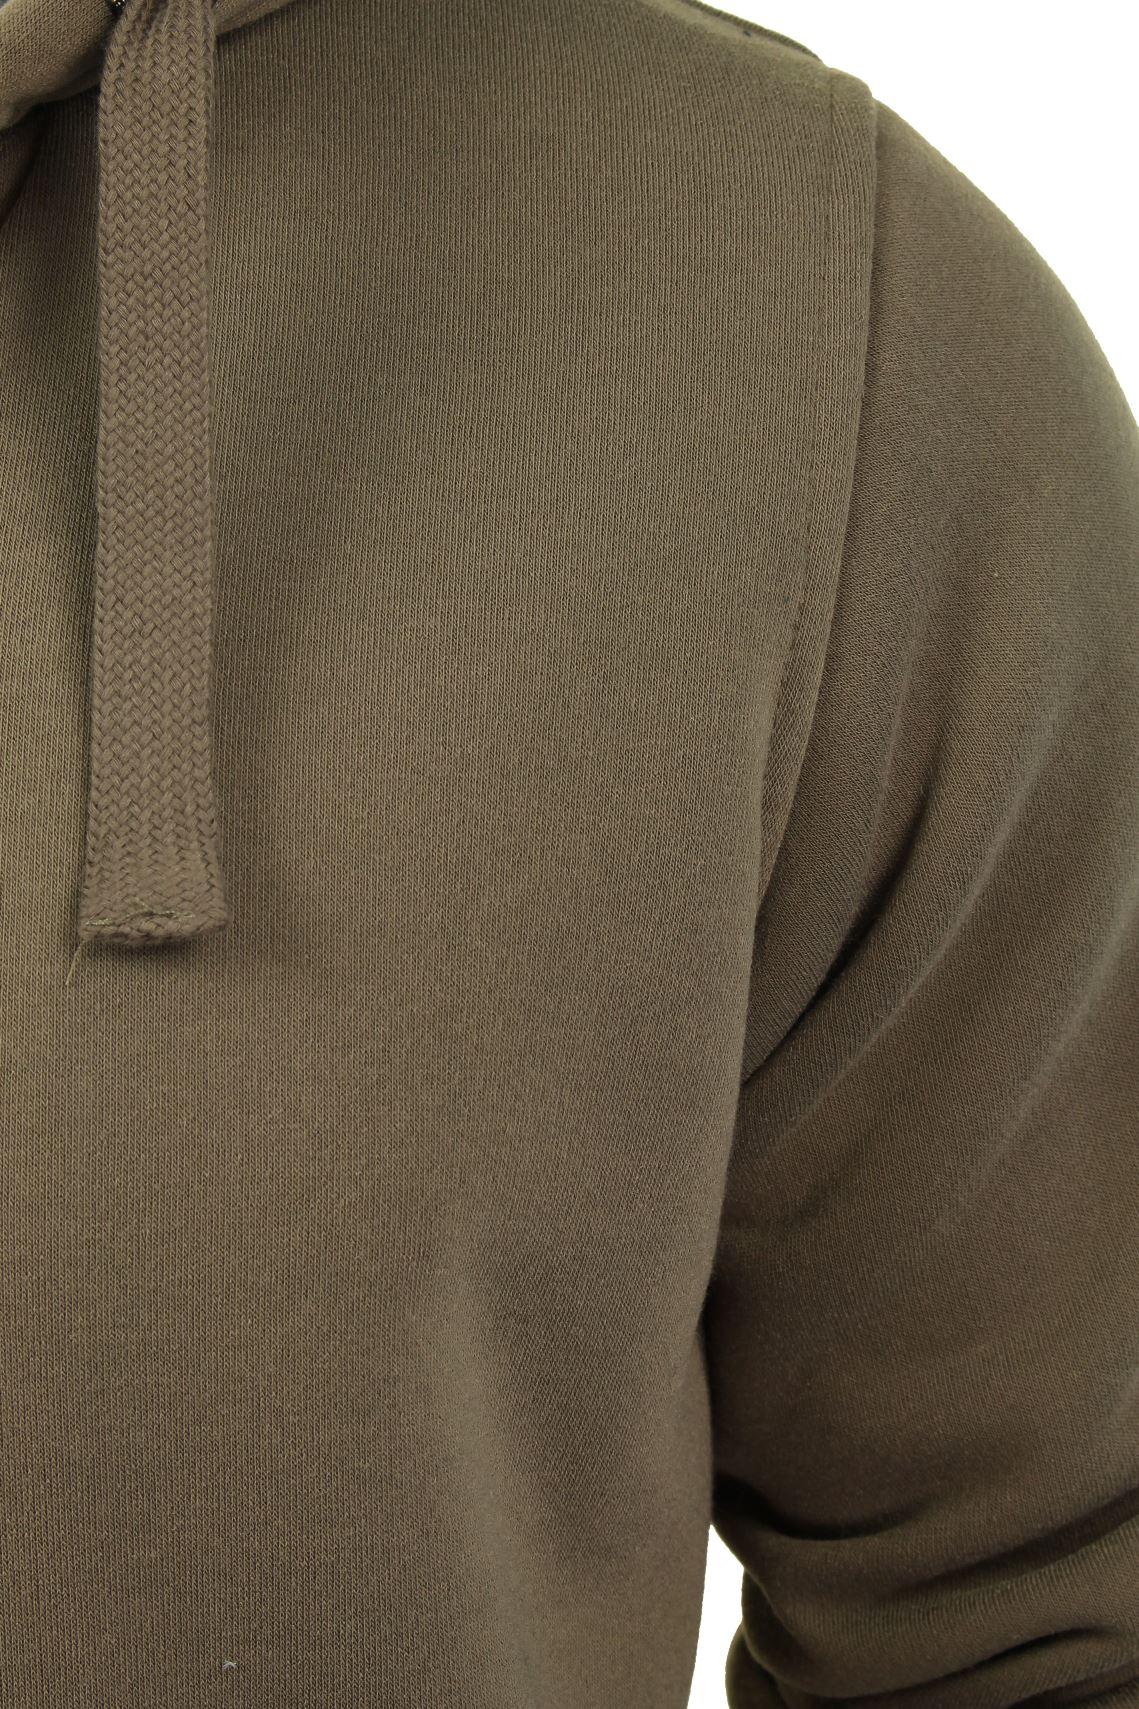 Brave-Soul-Mens-Hooded-Sweatshirt-Jumper-039-Zone-039-Hoodie-Sherpa-Lined thumbnail 16